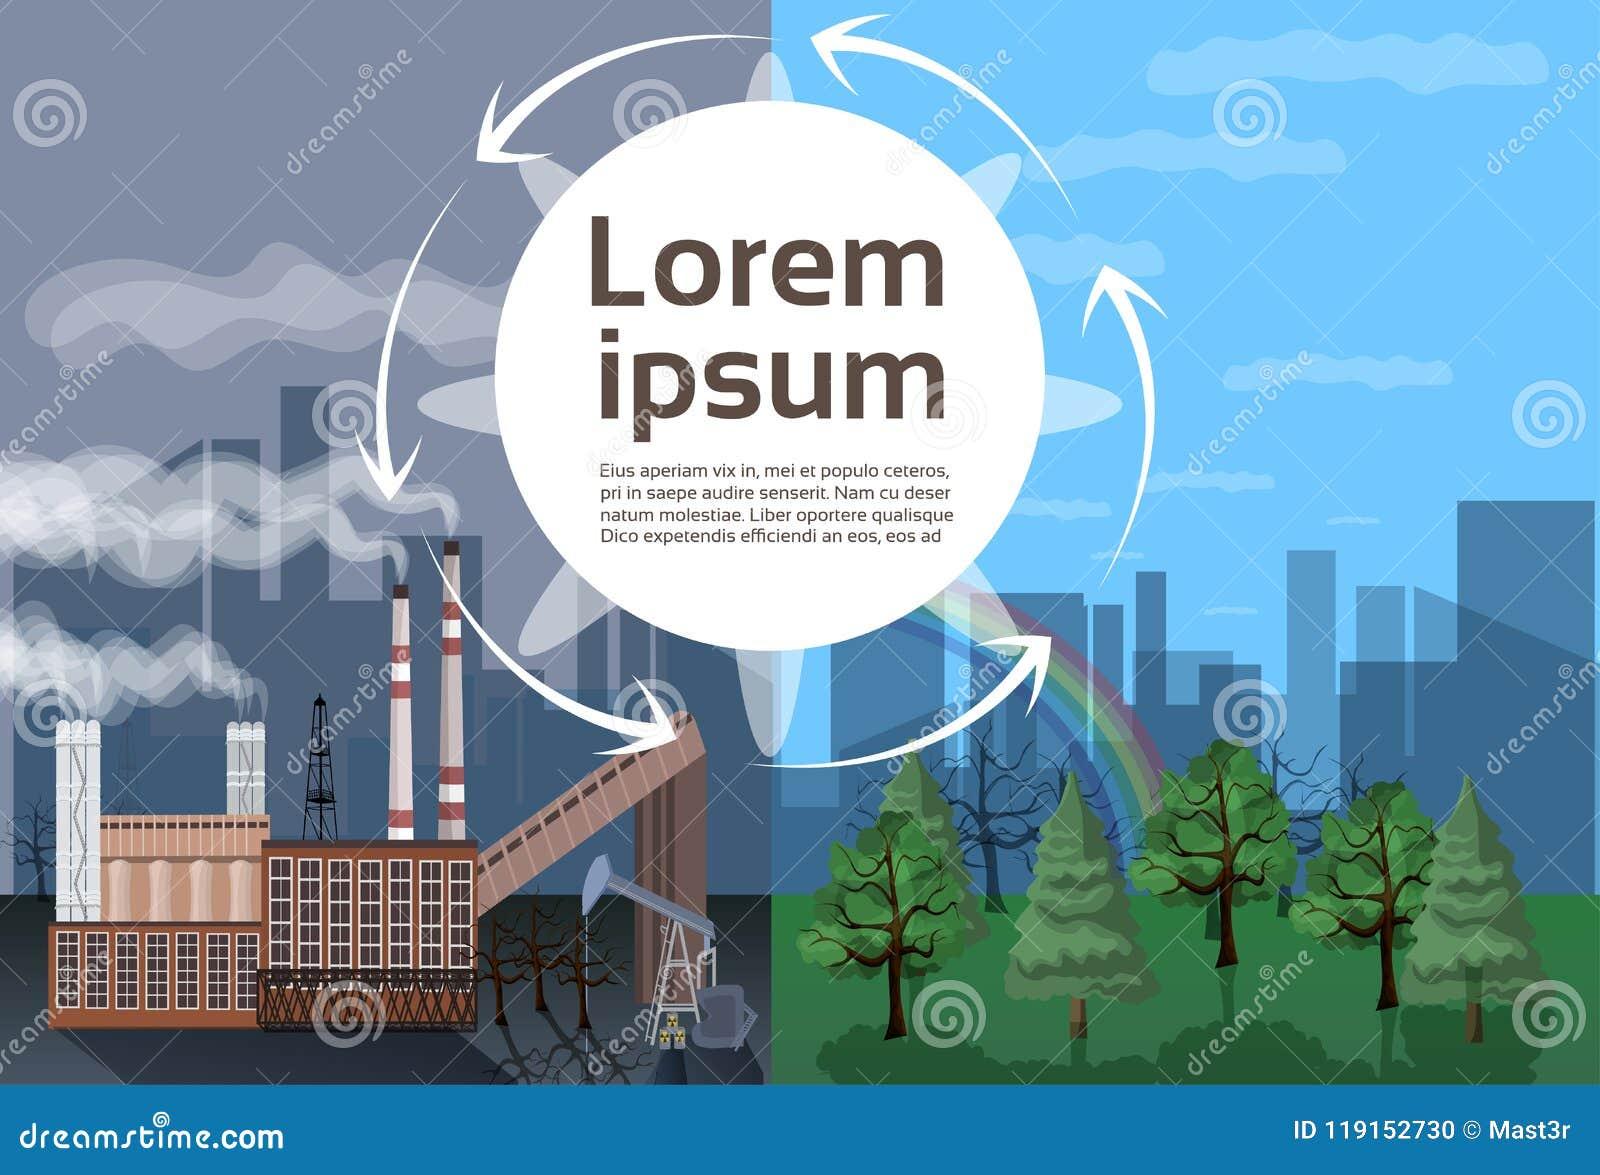 工厂厂房自然污染植物管子废物环境两旁边comparisonside自然全球性变暖非法